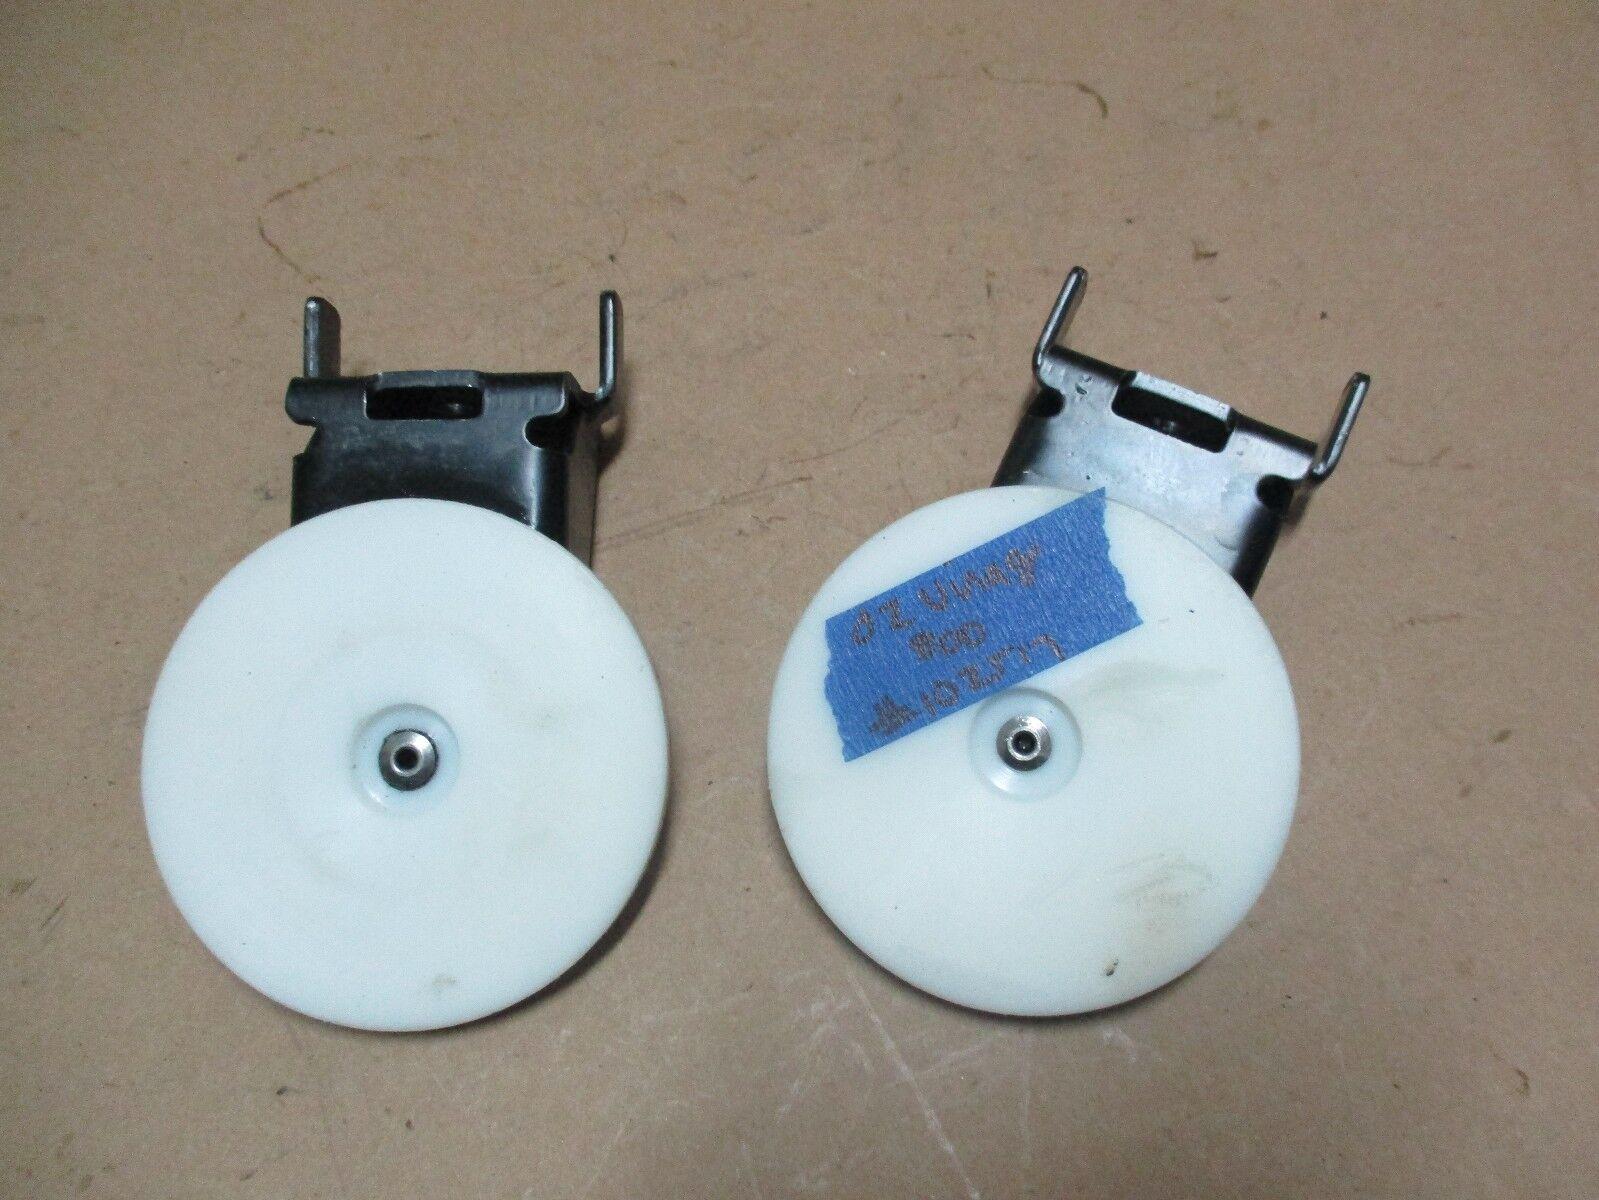 02 Polaris Virage 800 DI Jet Ski Fuel Tank Brackets PWC 01 03?